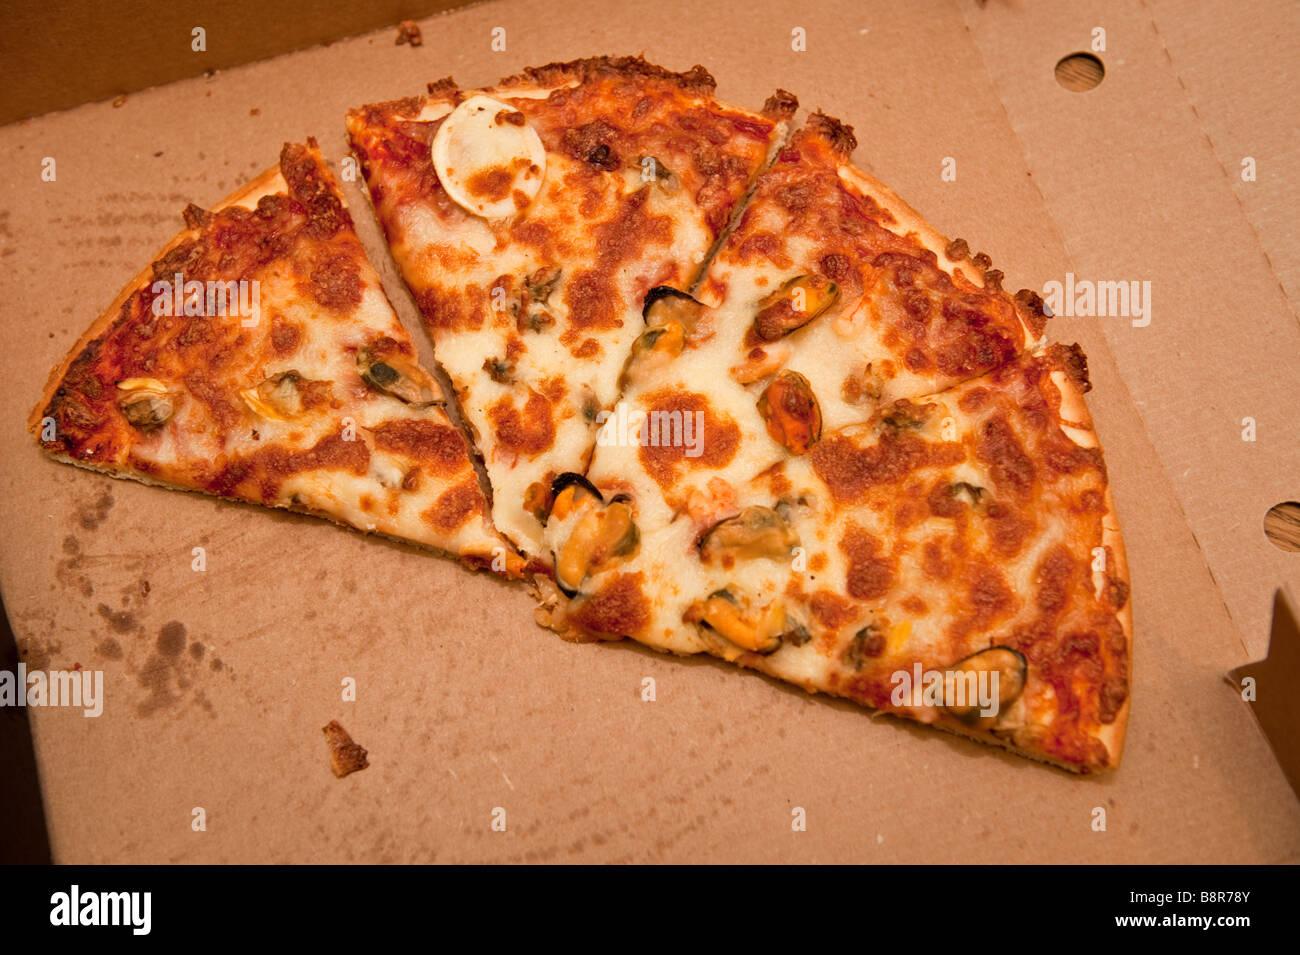 Una metà mangiato la convenienza di fast food pizza da asporto in una scatola REGNO UNITO Immagini Stock